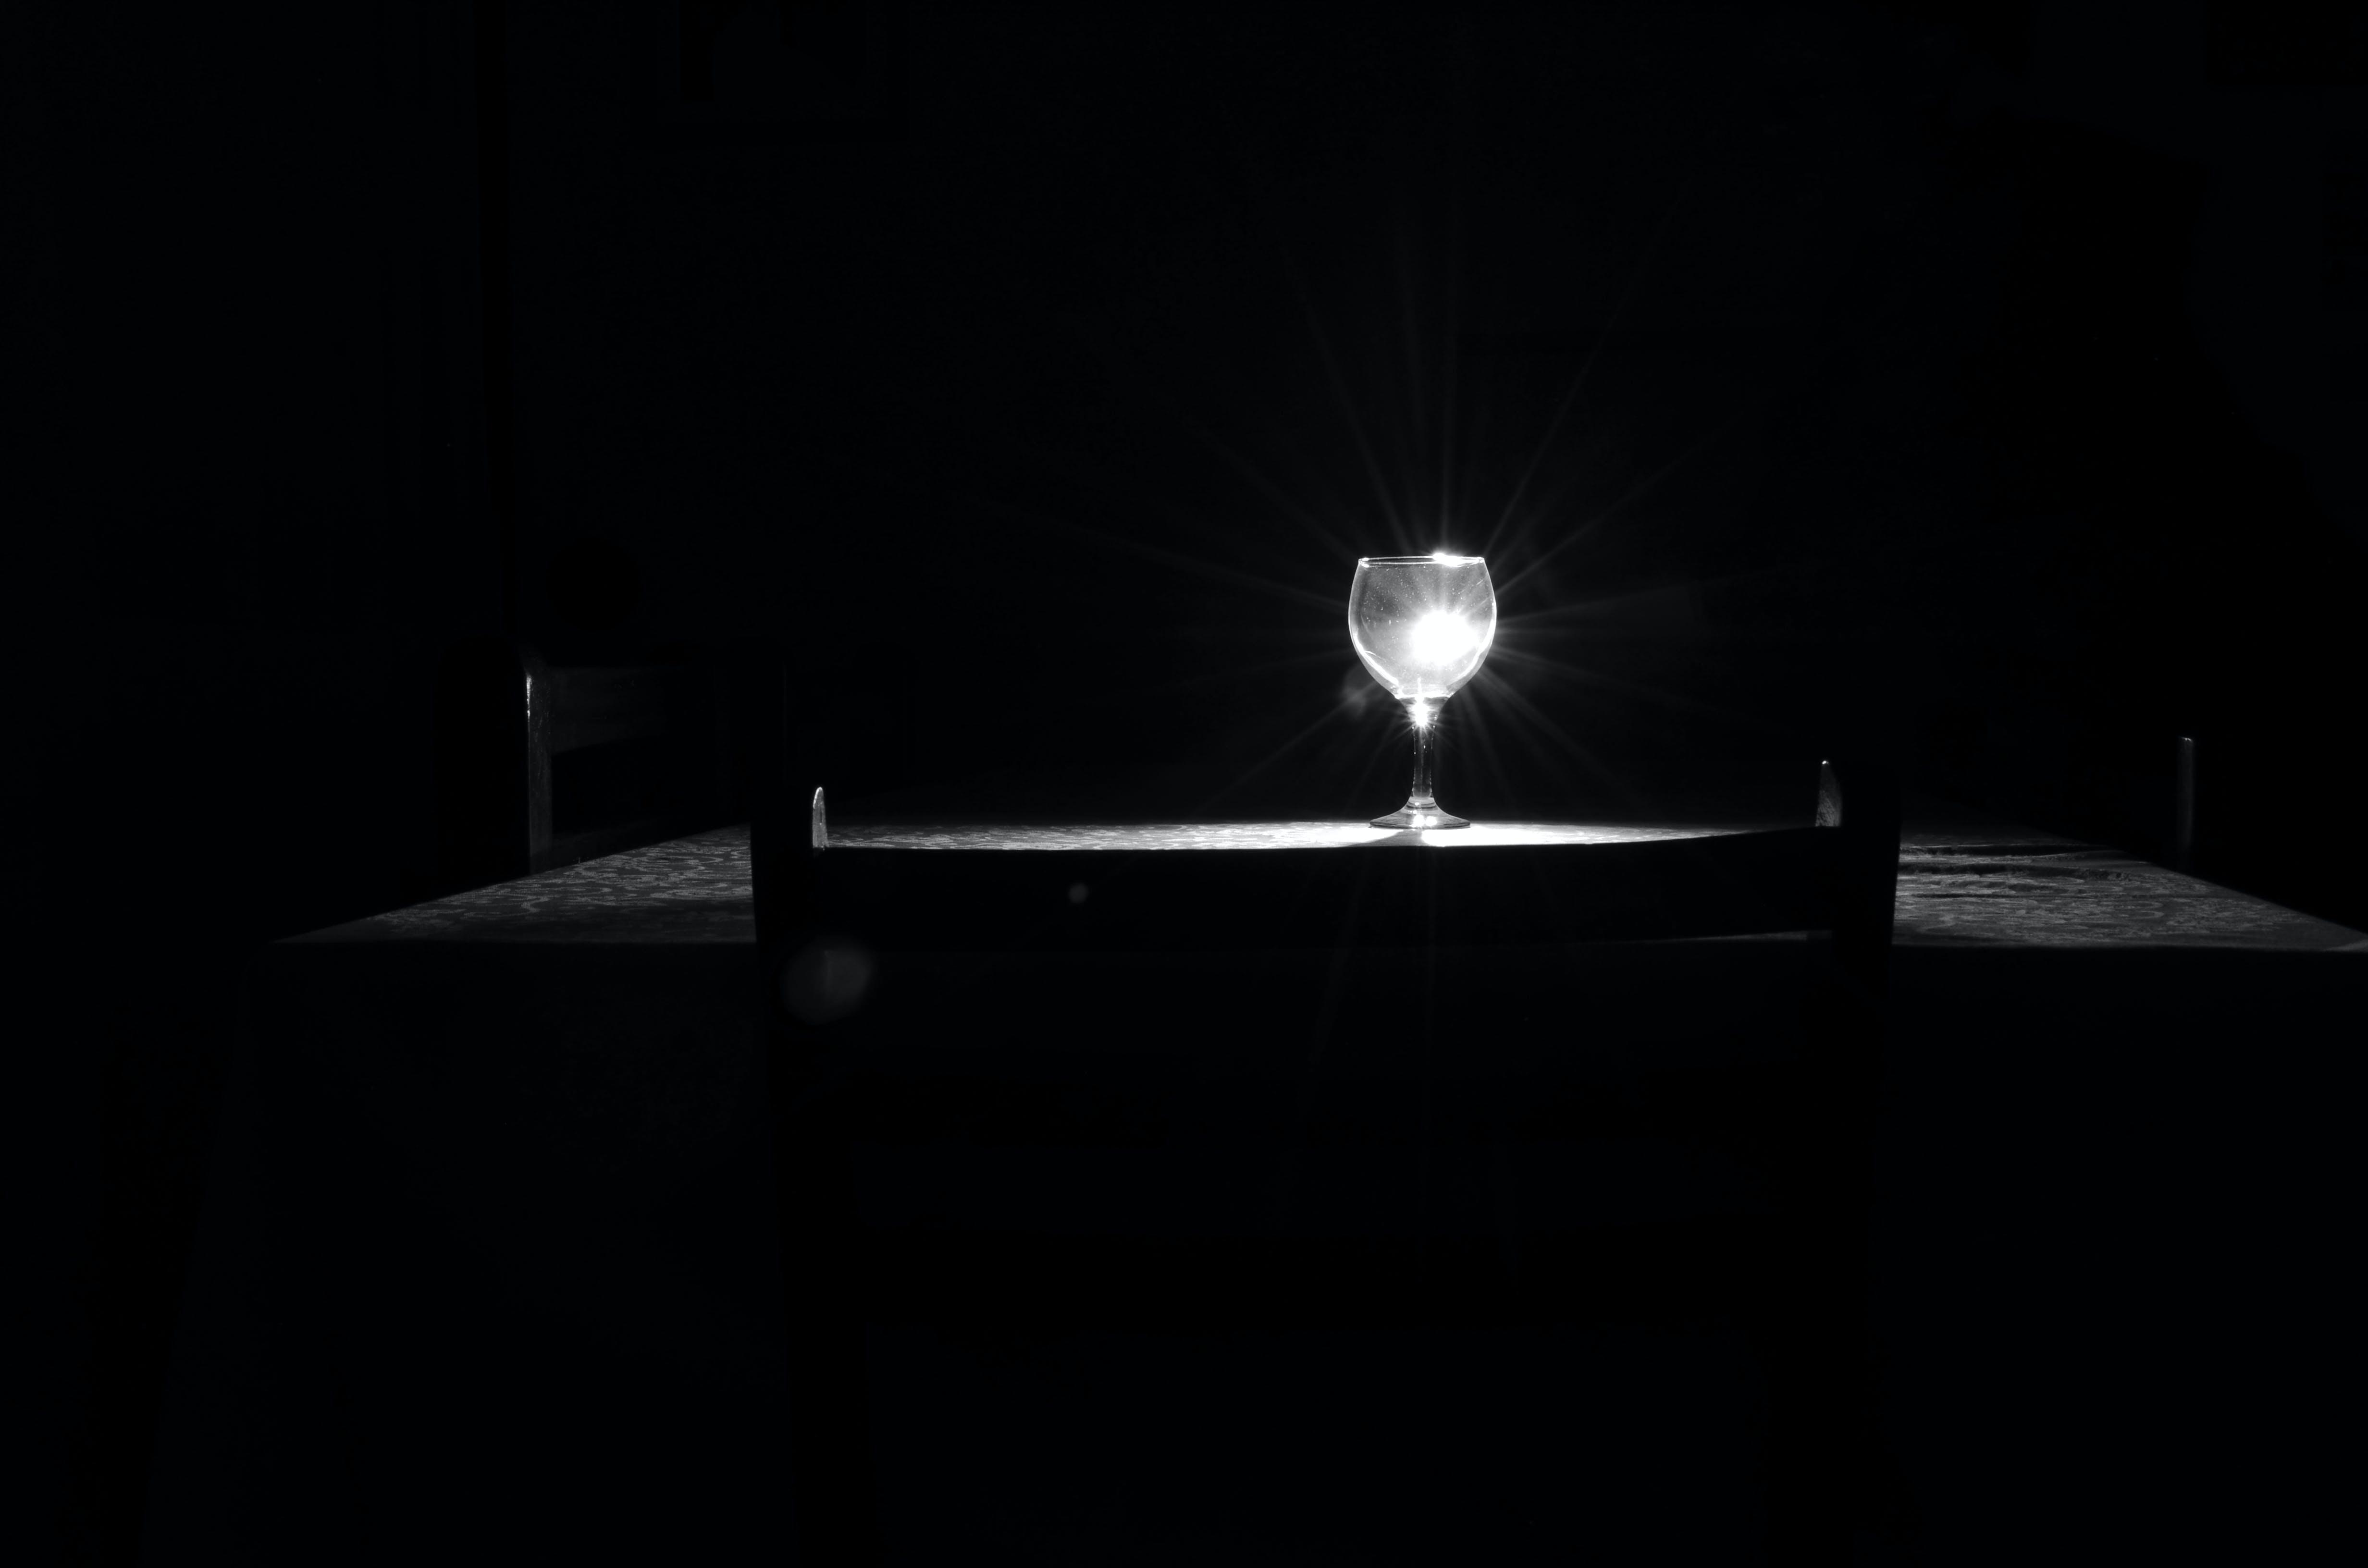 black and white, dark room, dinner table